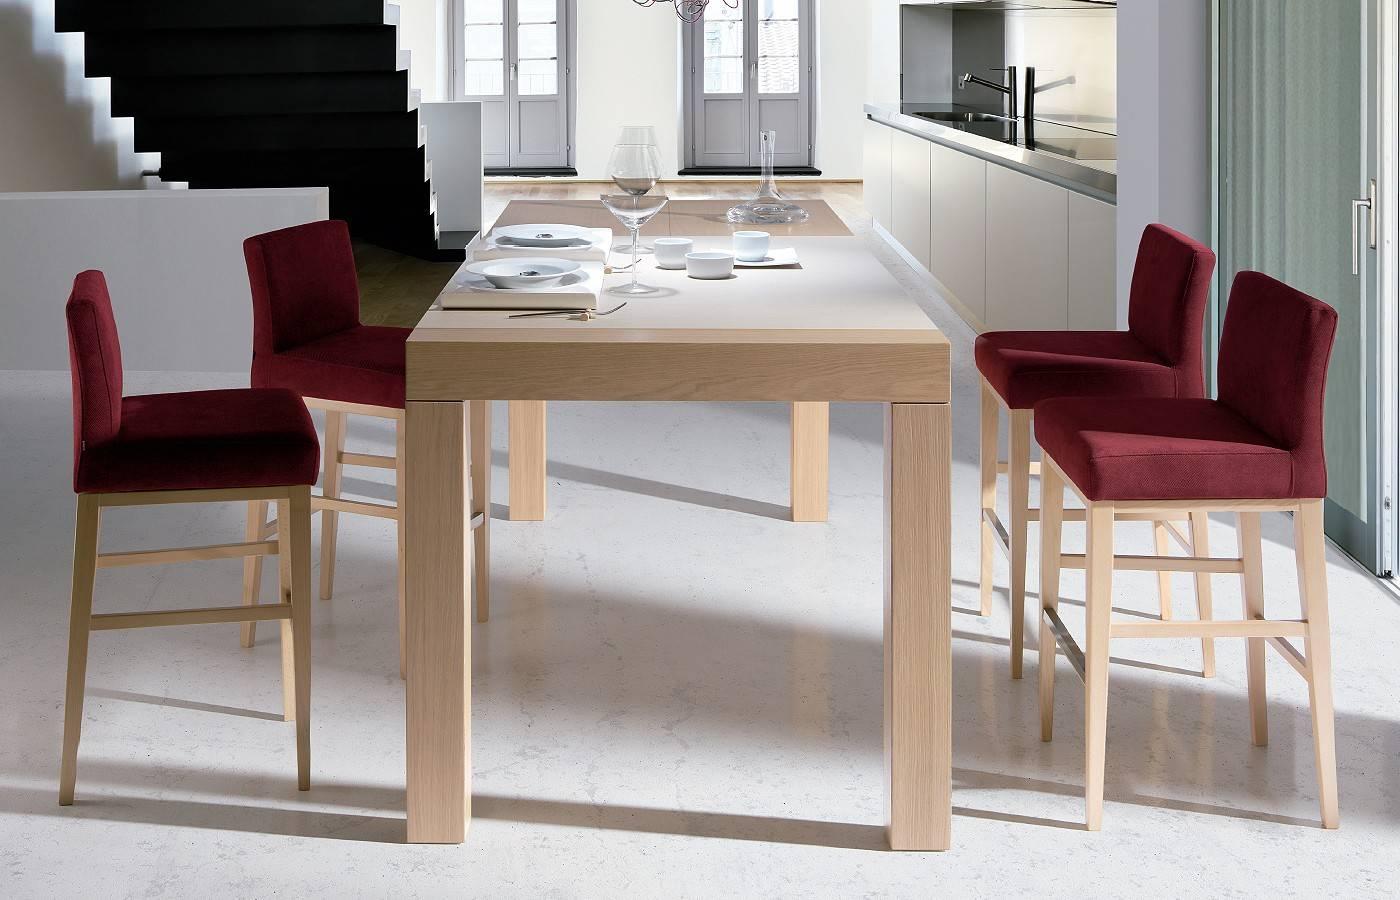 Conjunto mesa alta taburetes slatten dismobel - Mesa alta comedor ...